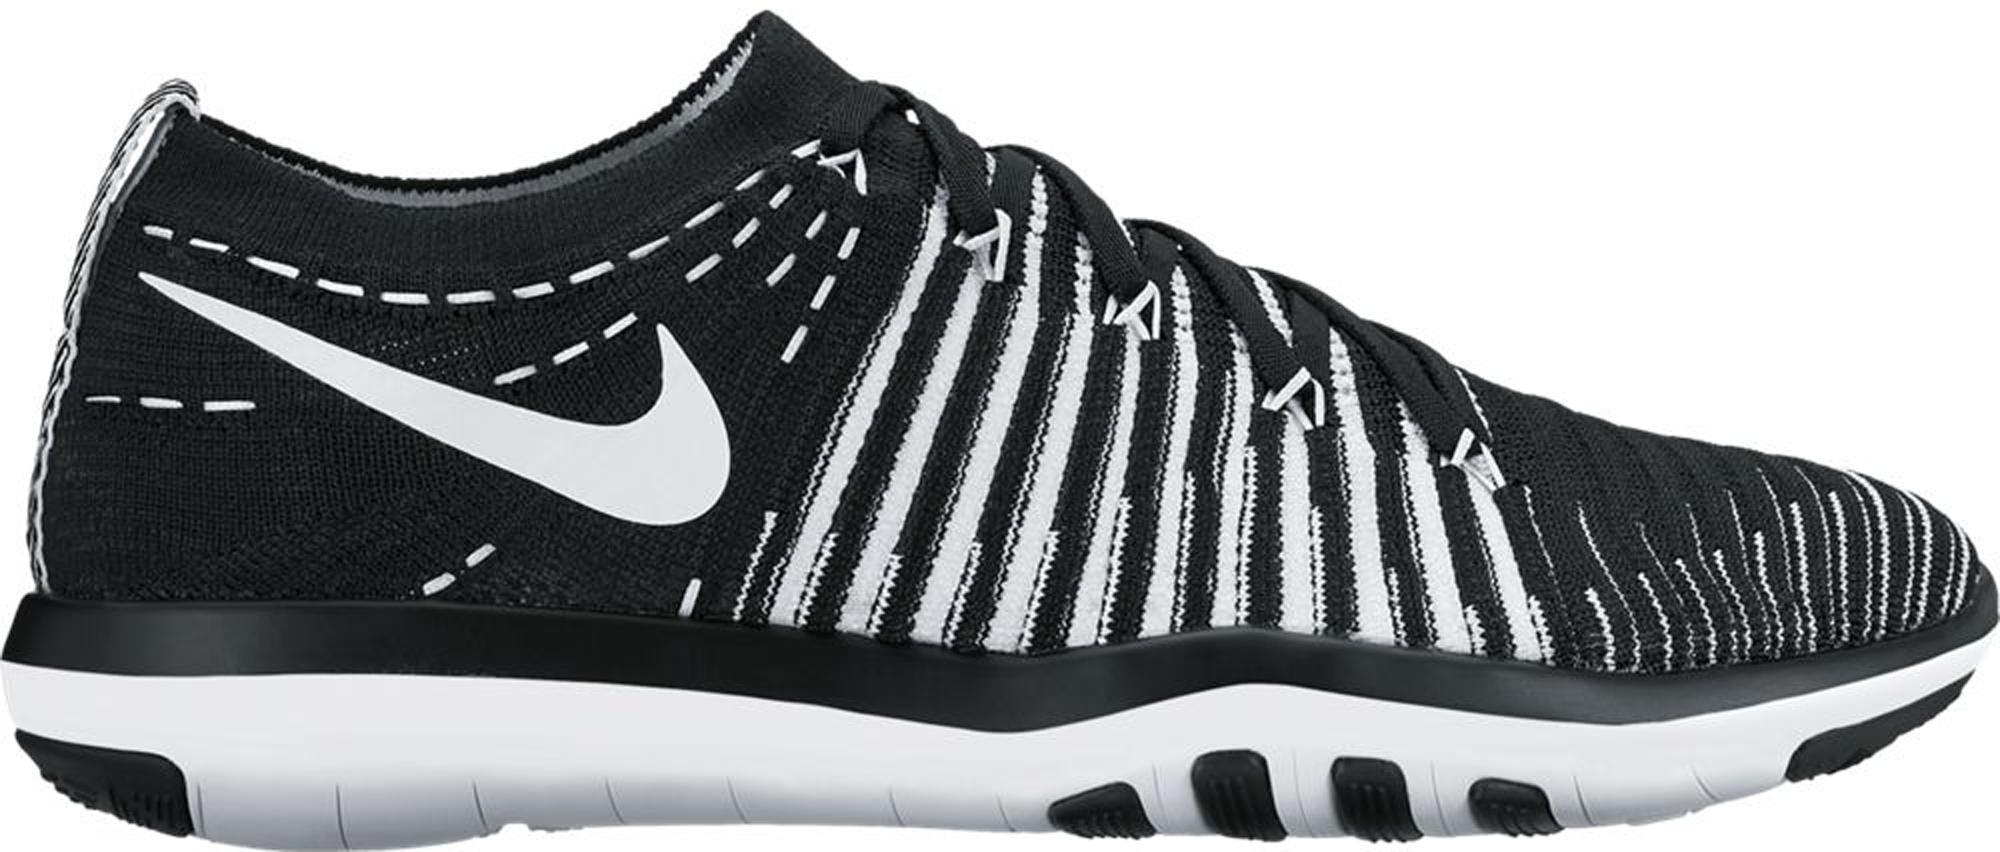 Nike Free Transform Flyknit Black White